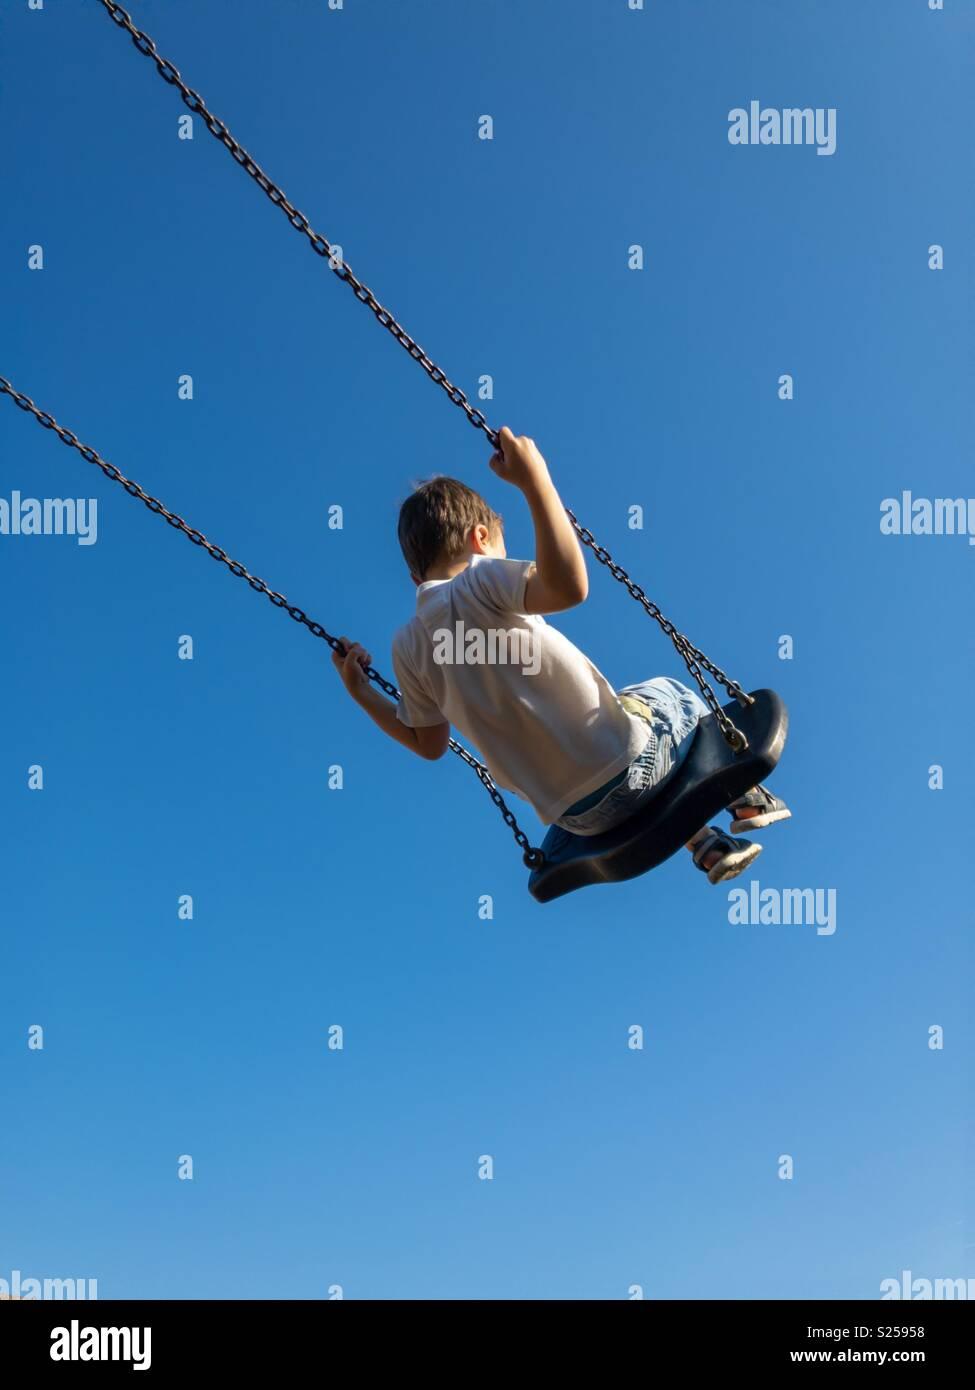 Junge fliegen hoch auf einer Schaukel, Kindheitserinnerungen Konzept Stockbild